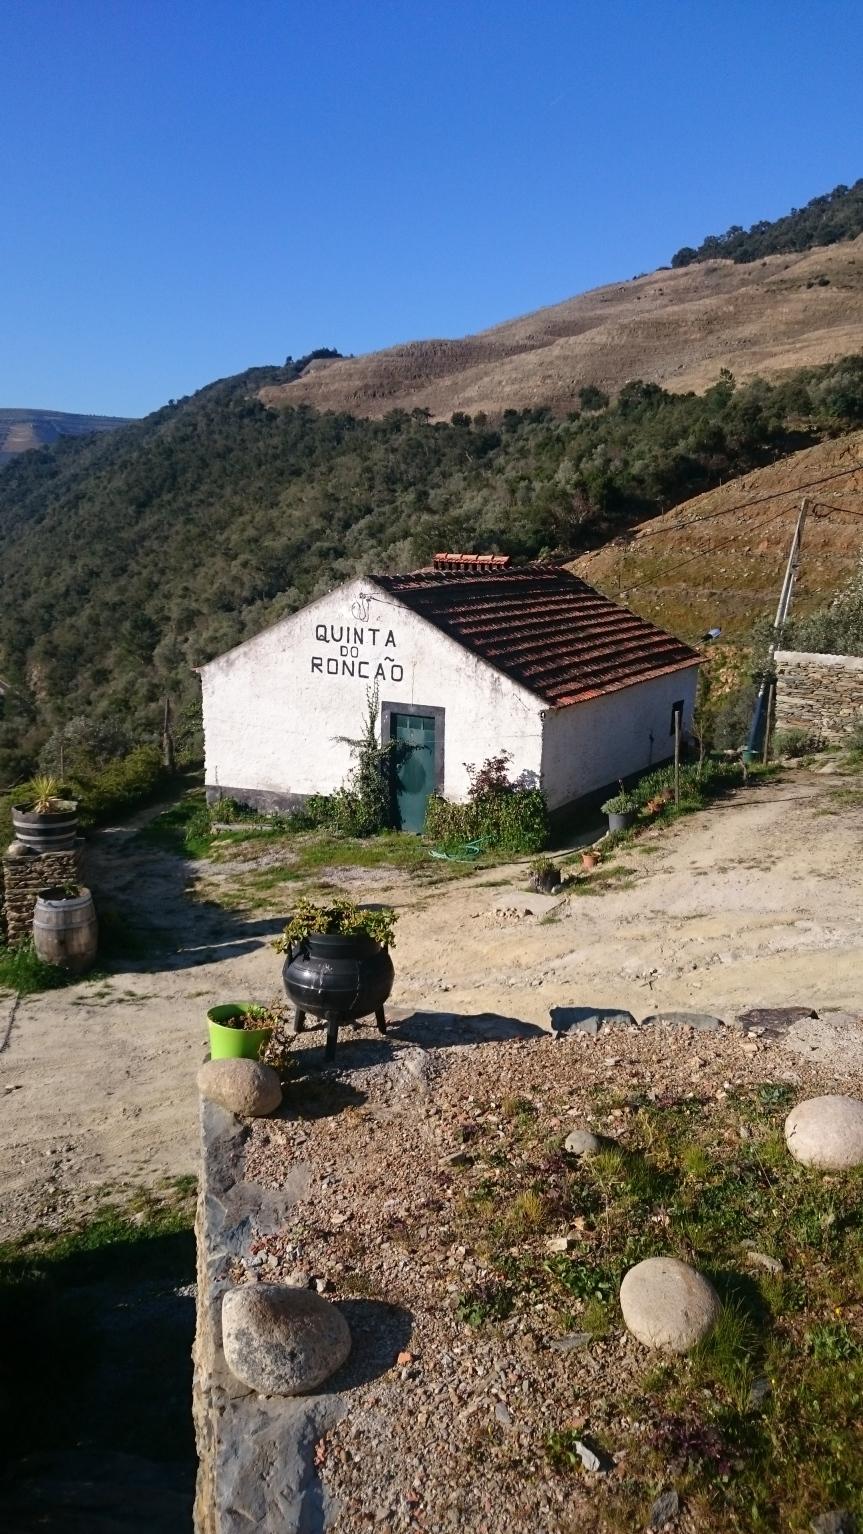 My week in Portugal, vol1